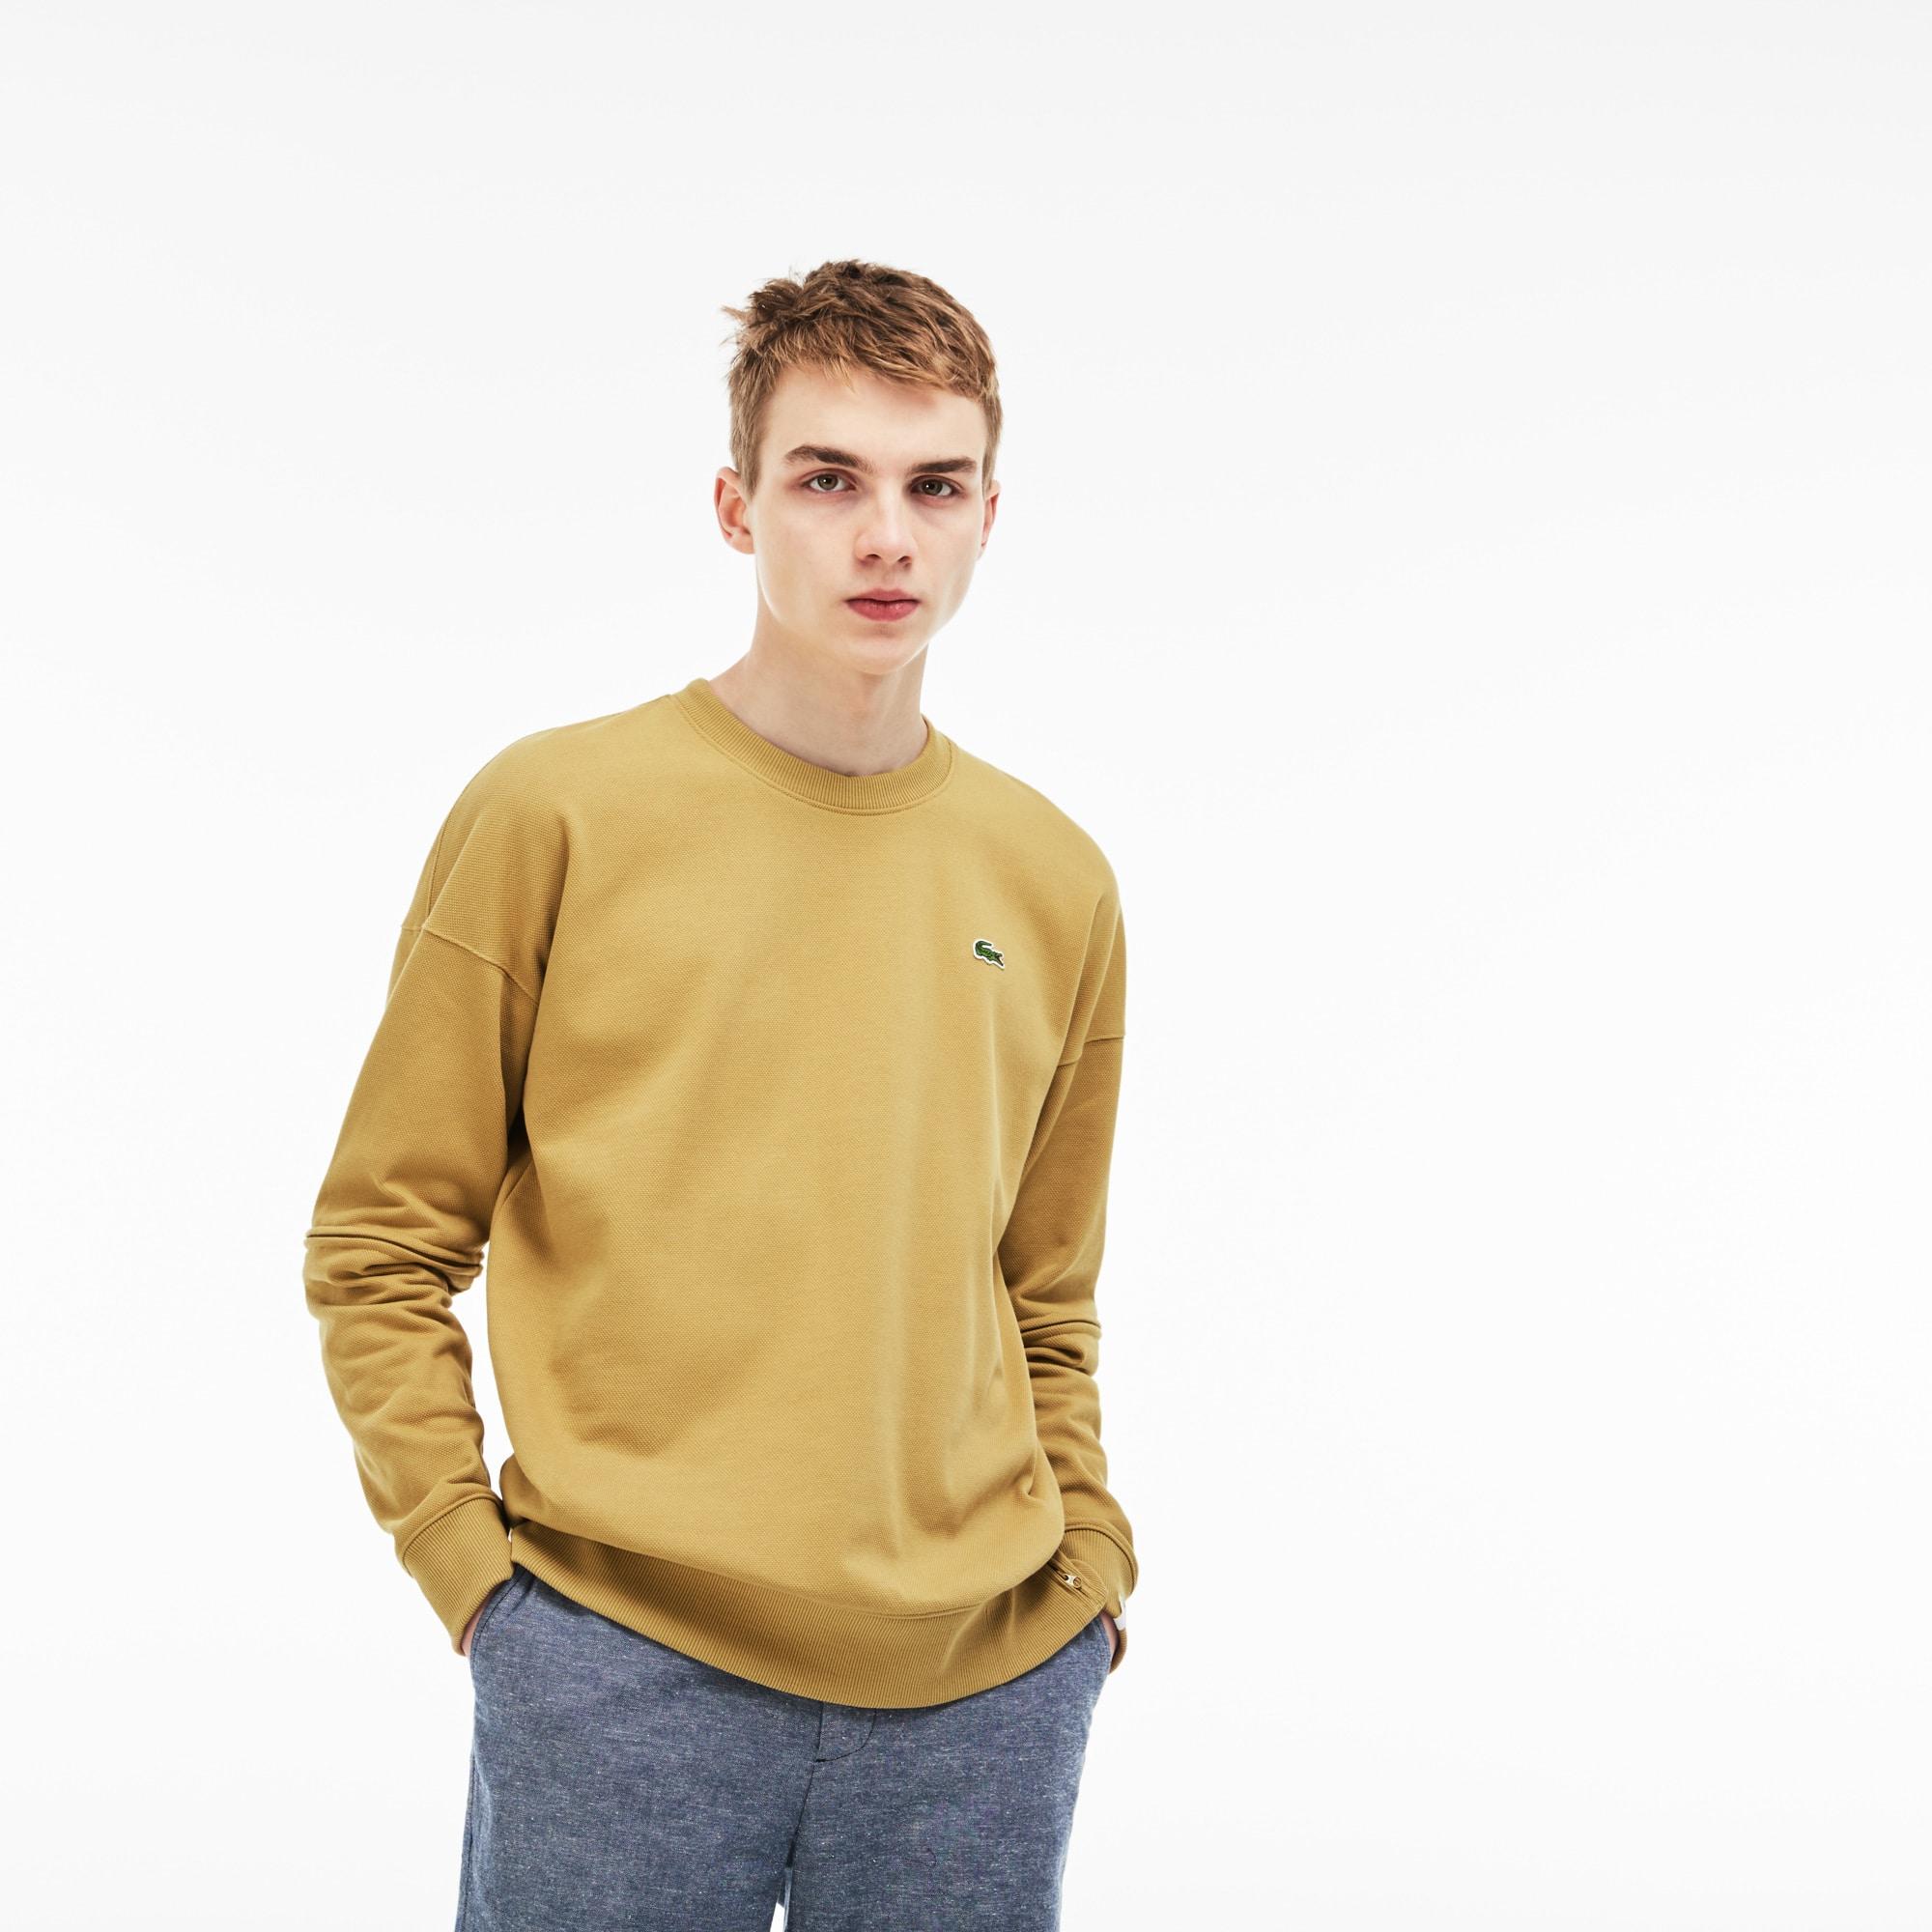 Men's Lacoste LIVE Loose Fleece Piqué Sweatshirt